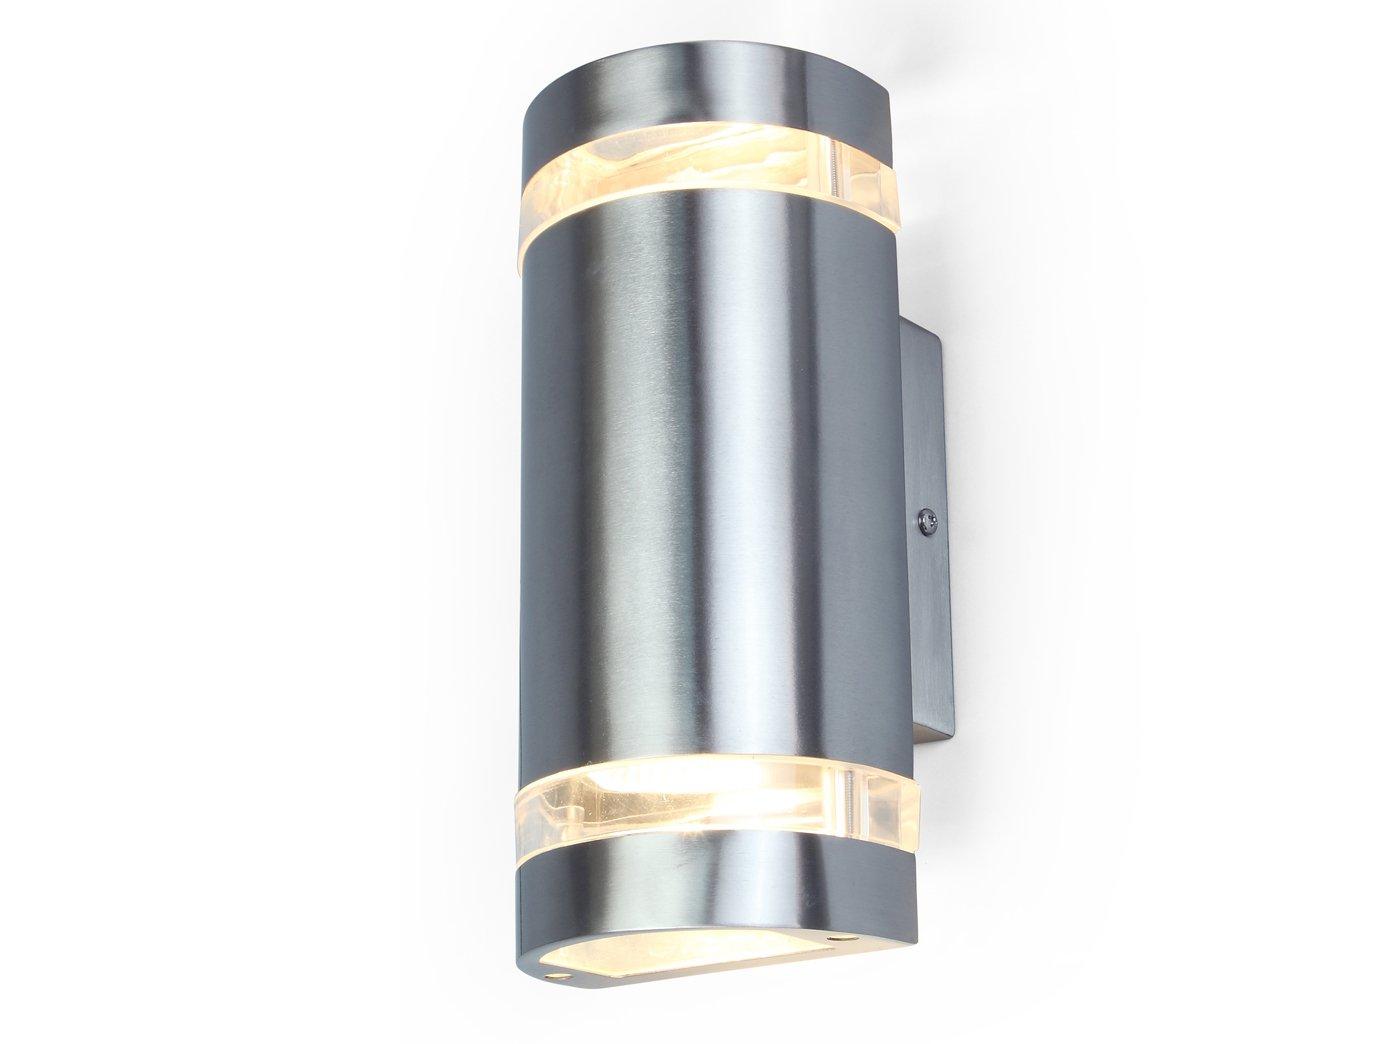 Edelstahl Außenwandleuchte FOCUS mit LED Leuchtmittel, Fassadenbeleuchtung, Up- & Downlight